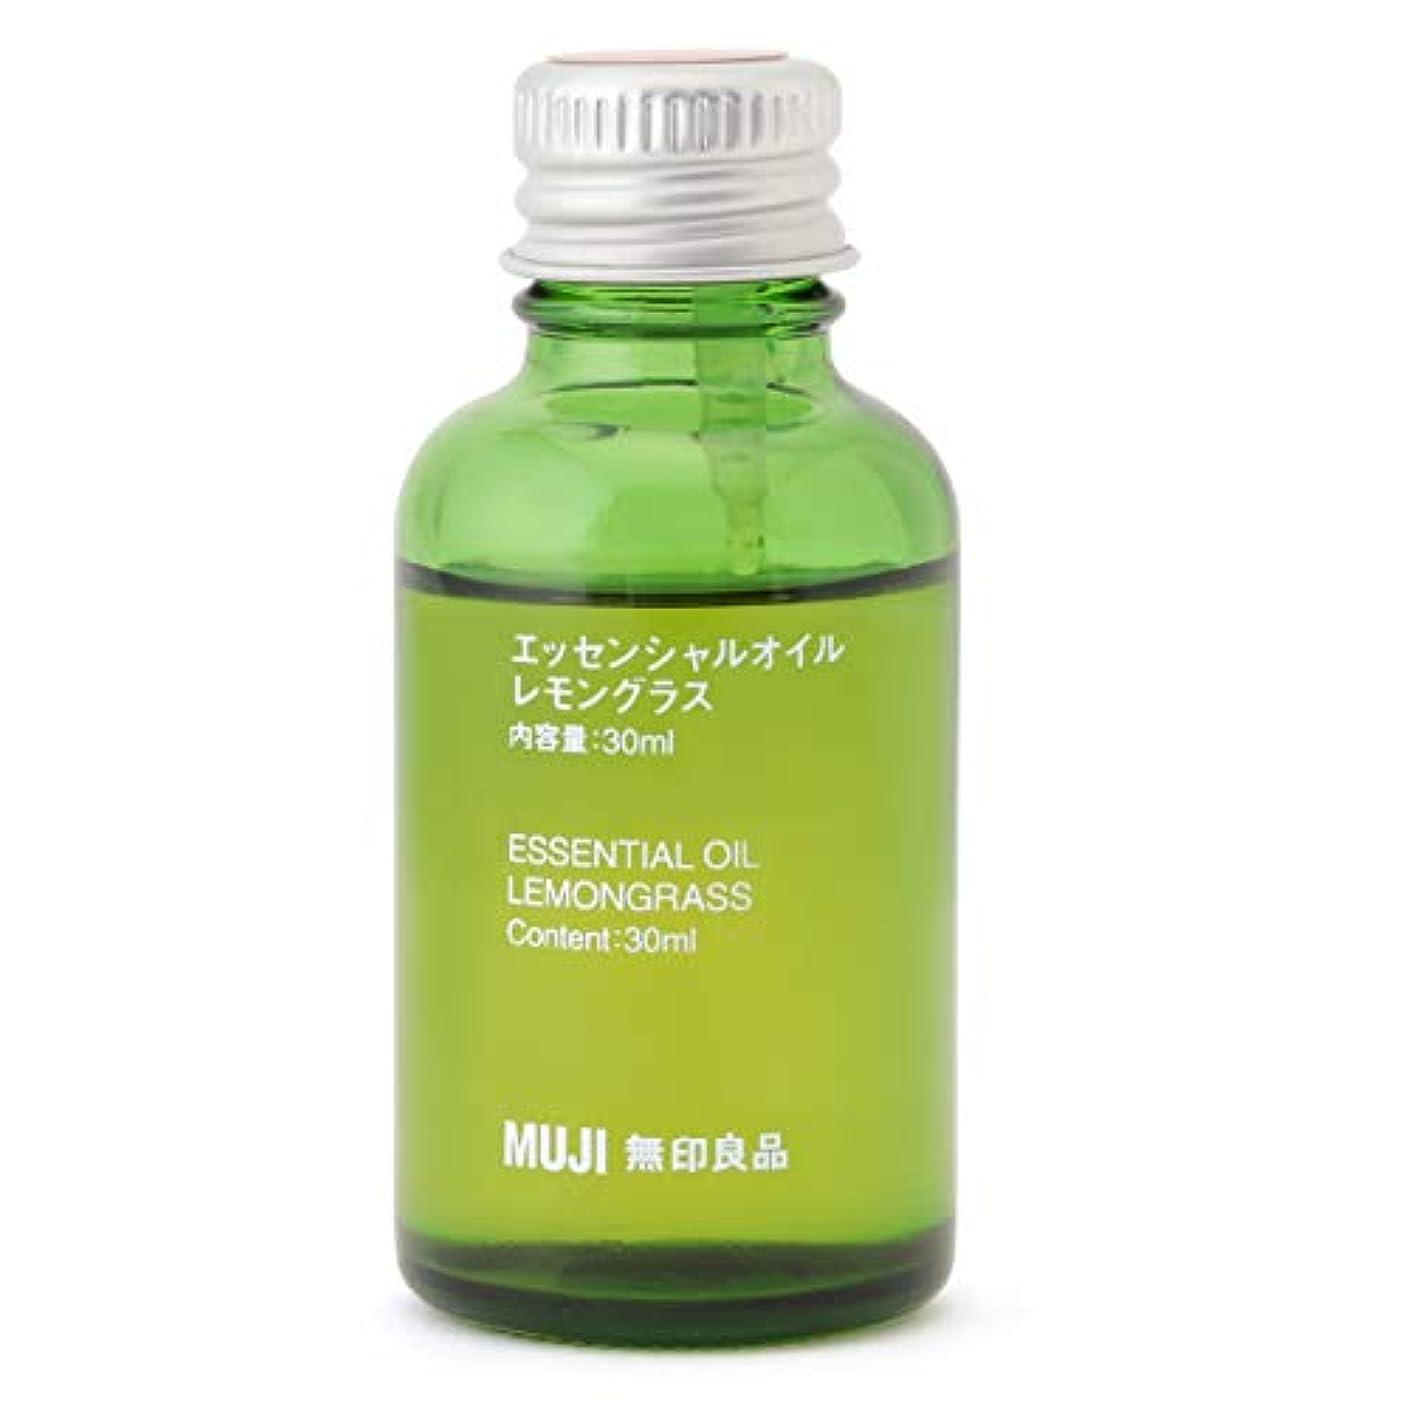 不安定な売る仕立て屋【無印良品】エッセンシャルオイル30ml(レモングラス)